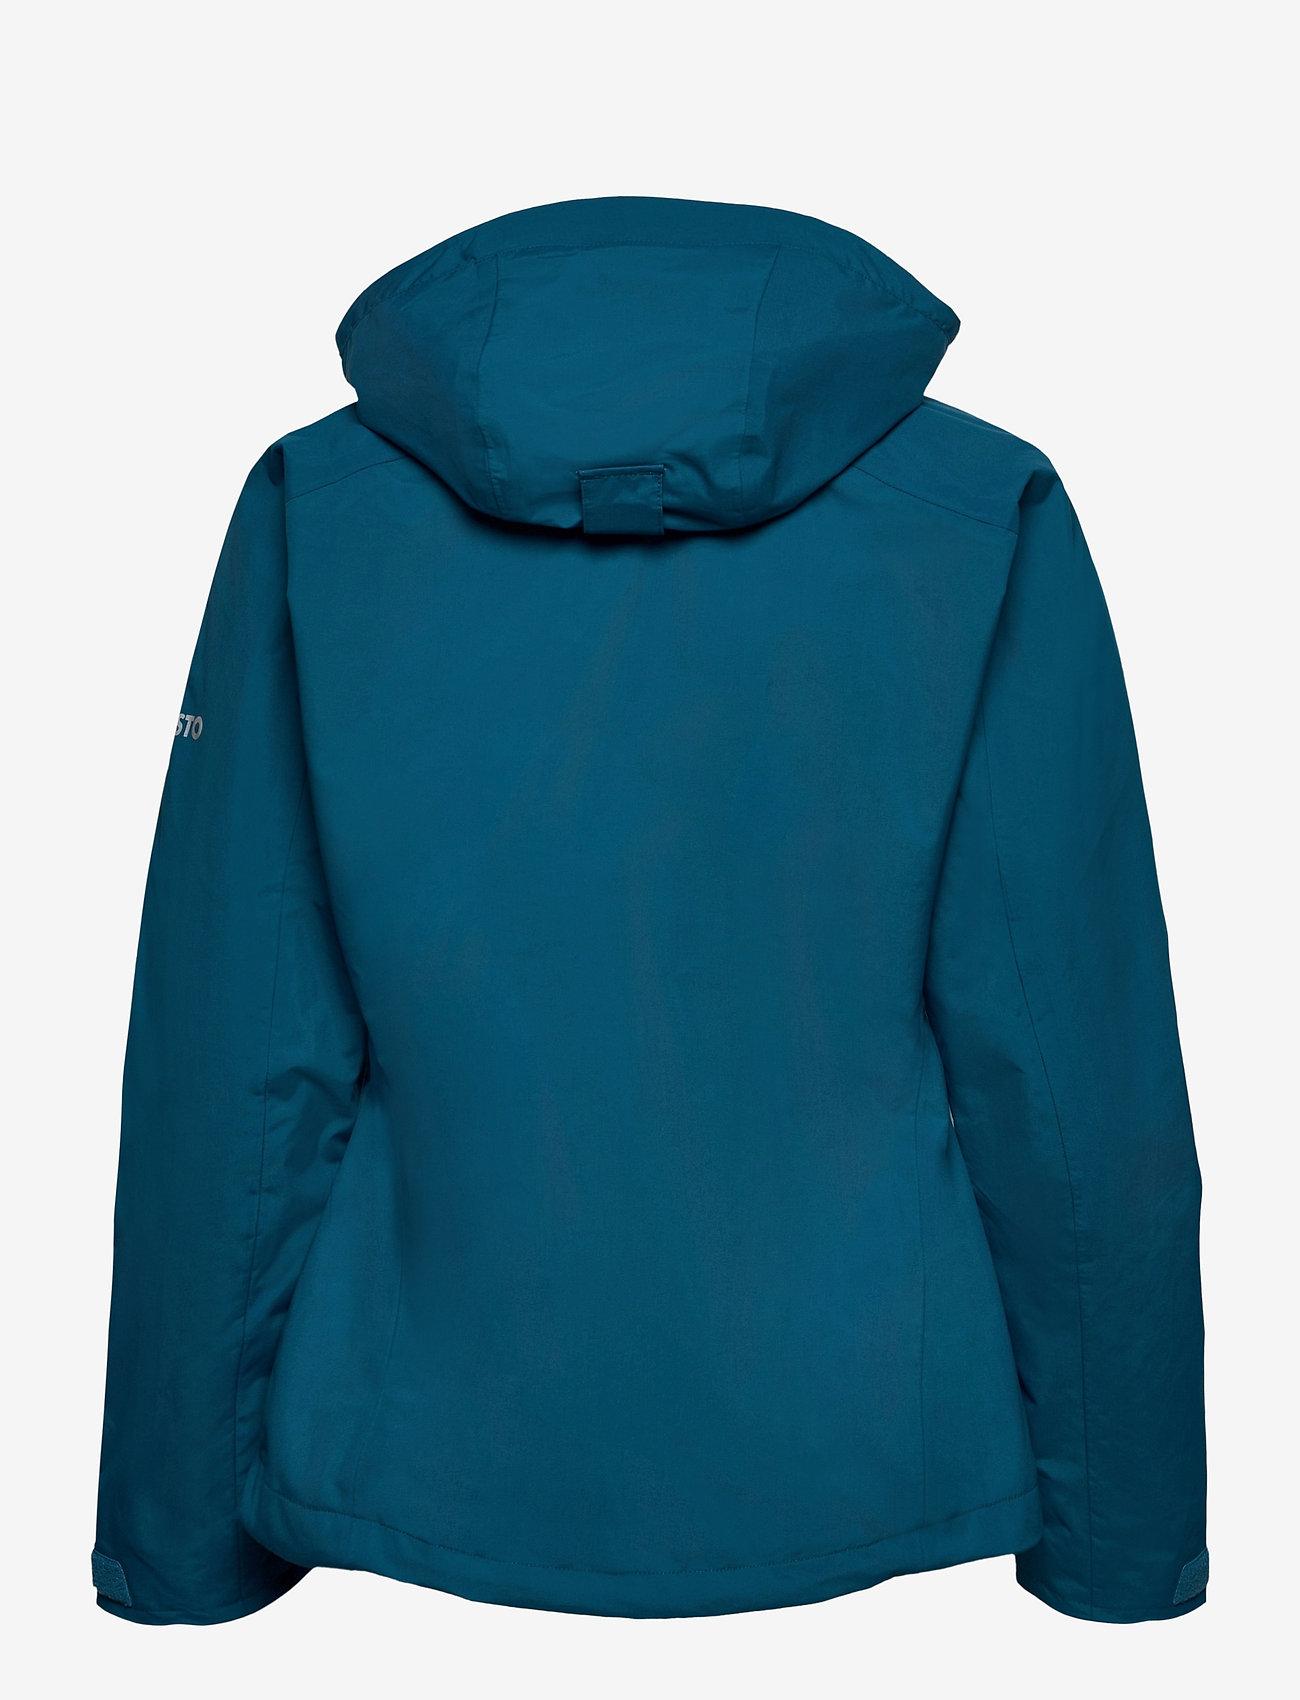 Musto - SARDINIA JKT 2.0 FW - sports jackets - cove blue - 1